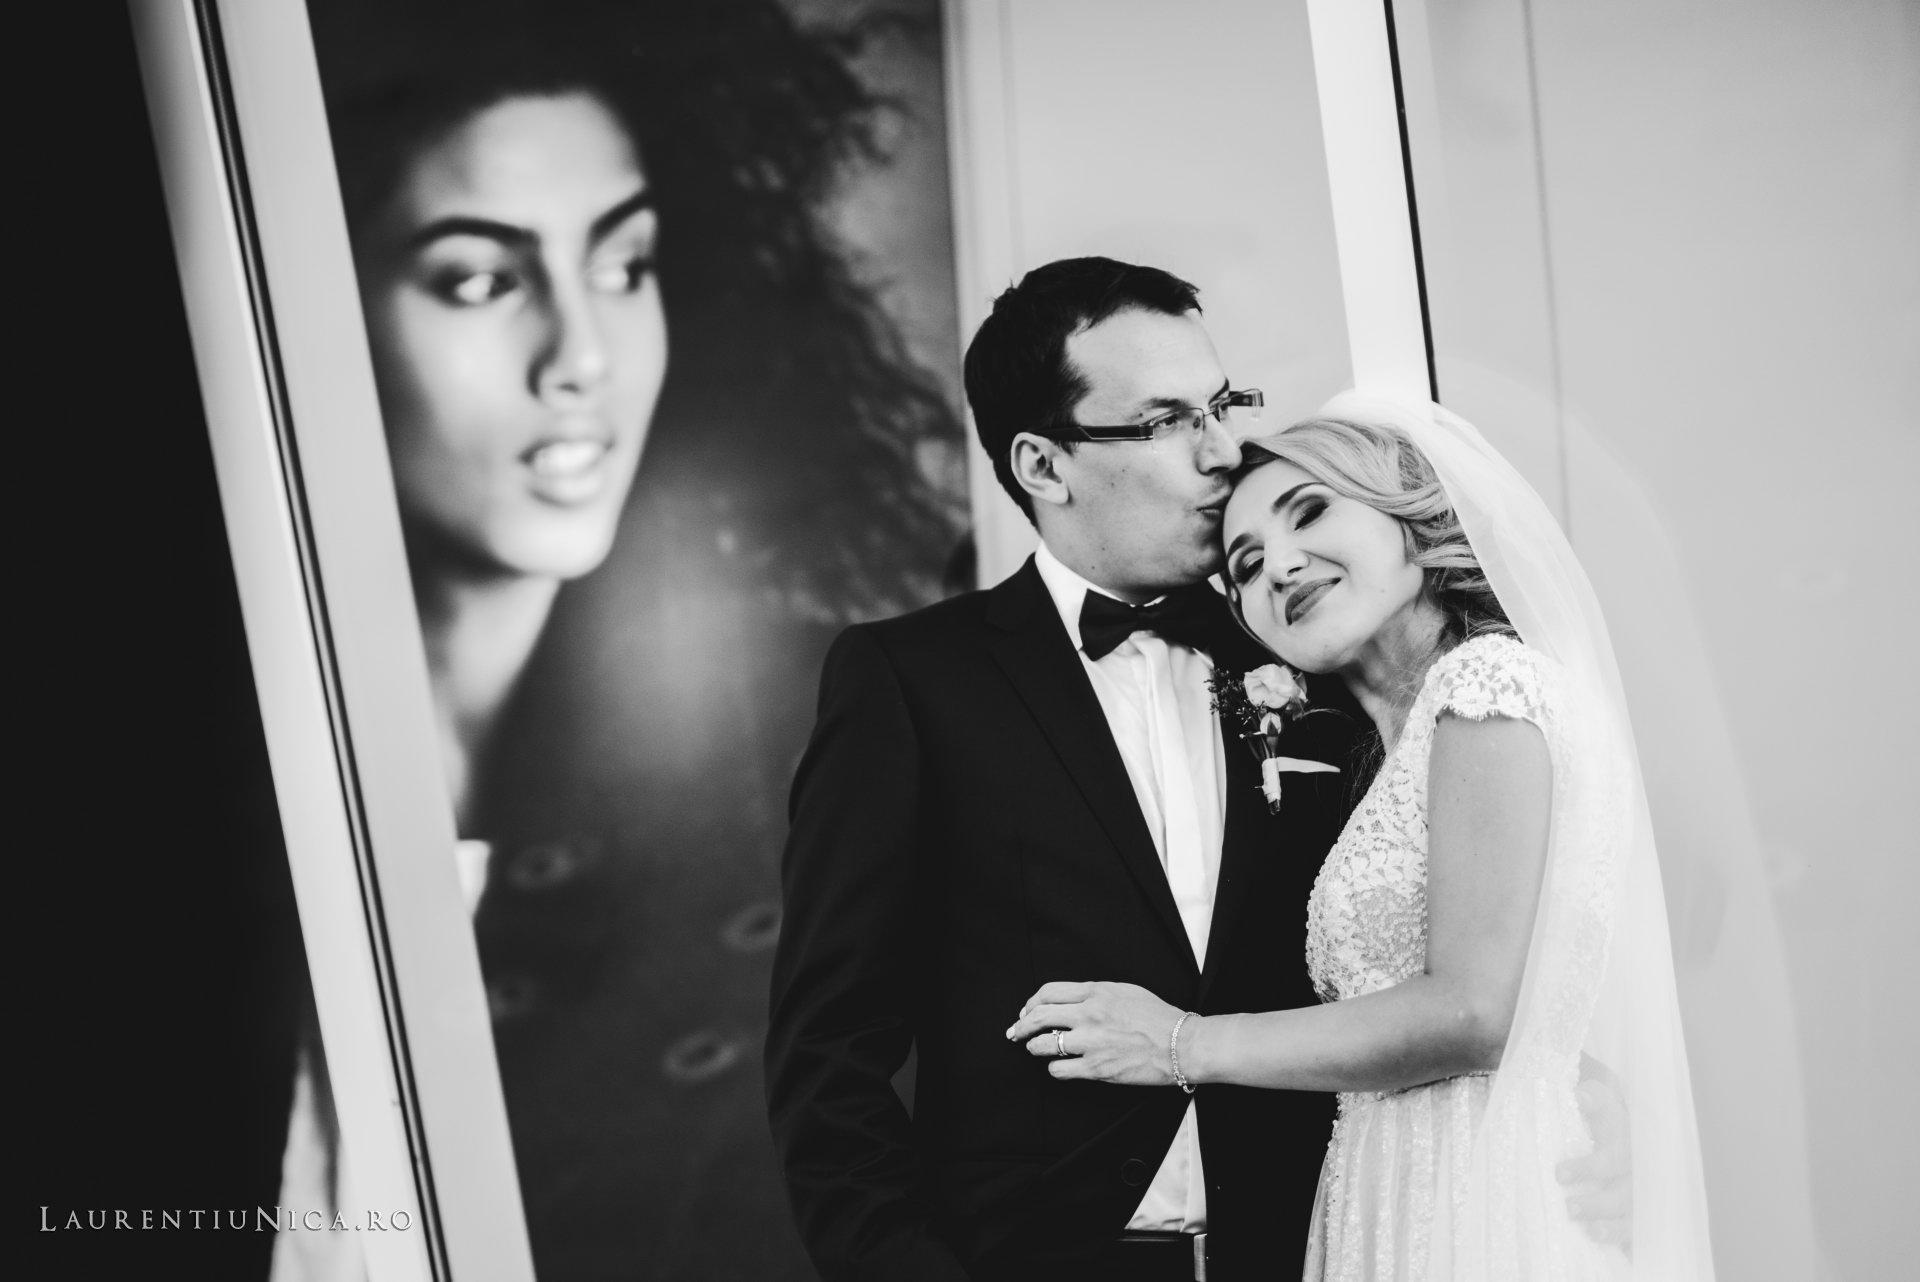 alina si razvan craiova fotograf nunta laurentiu nica51 - Alina & Razvan | Fotografii nunta